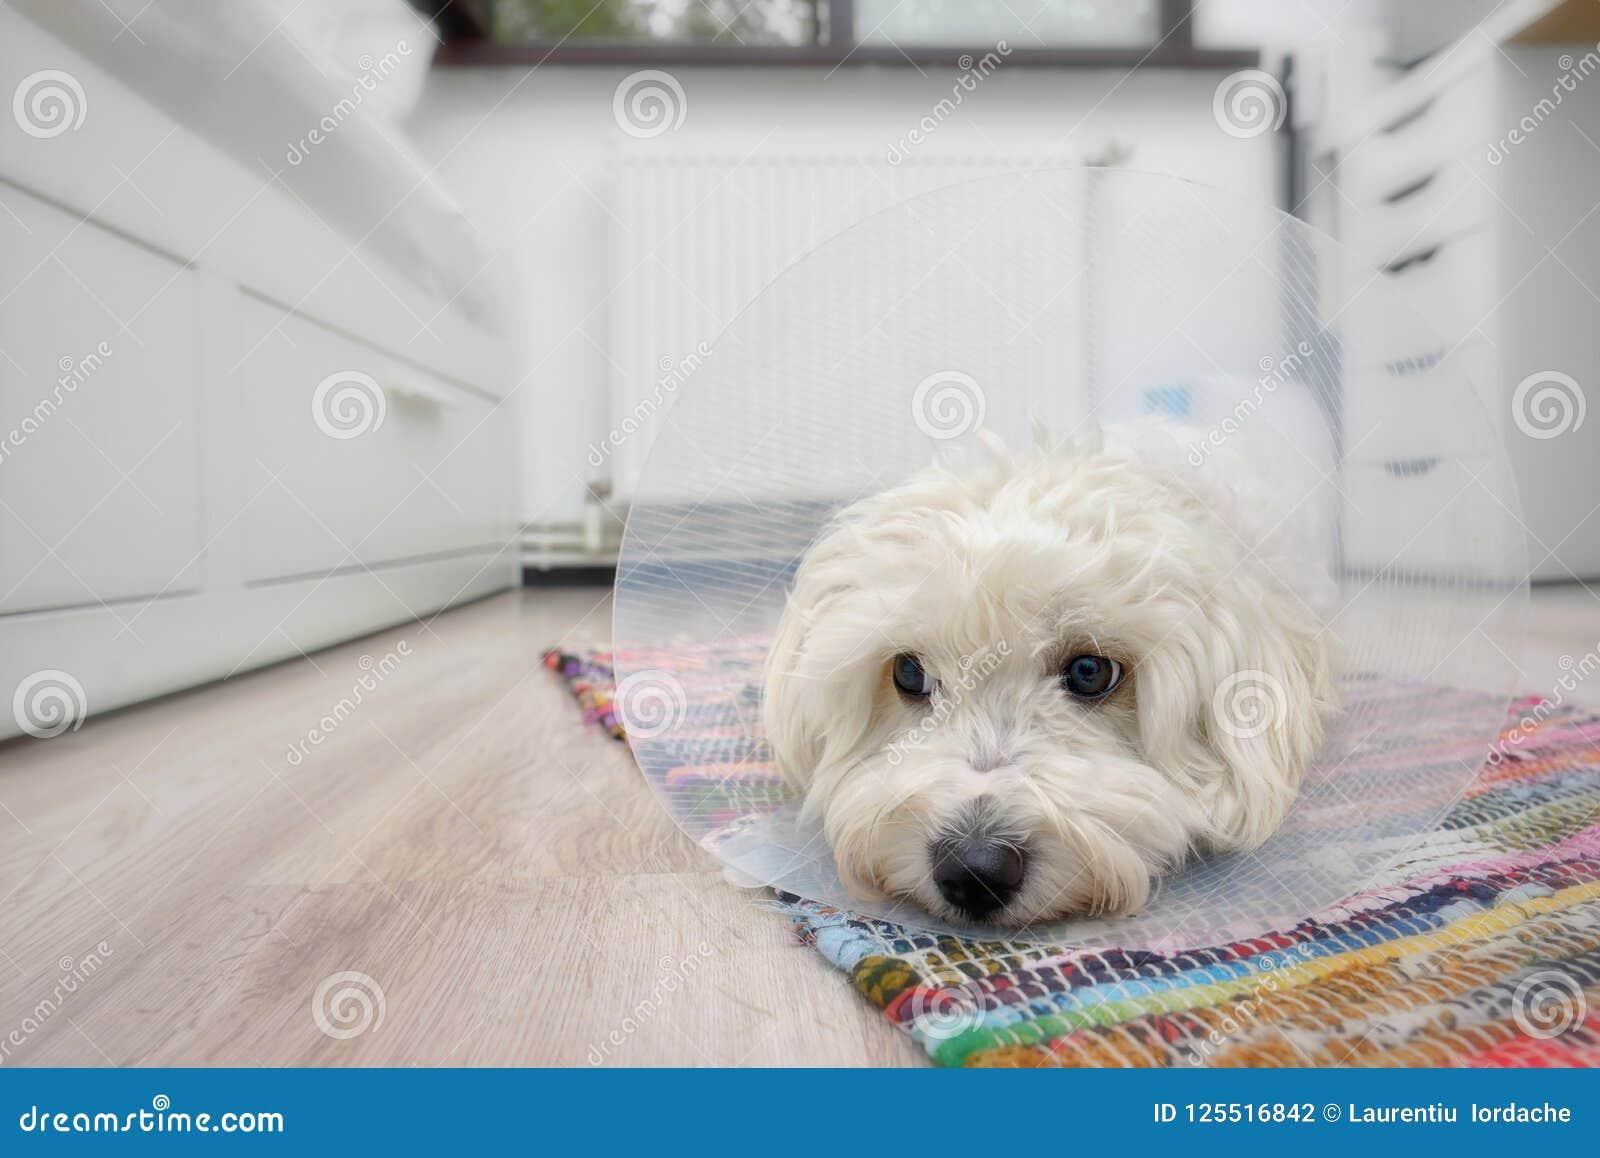 与塑料伊丽莎白女王的钉头切断机衣领的马耳他狗